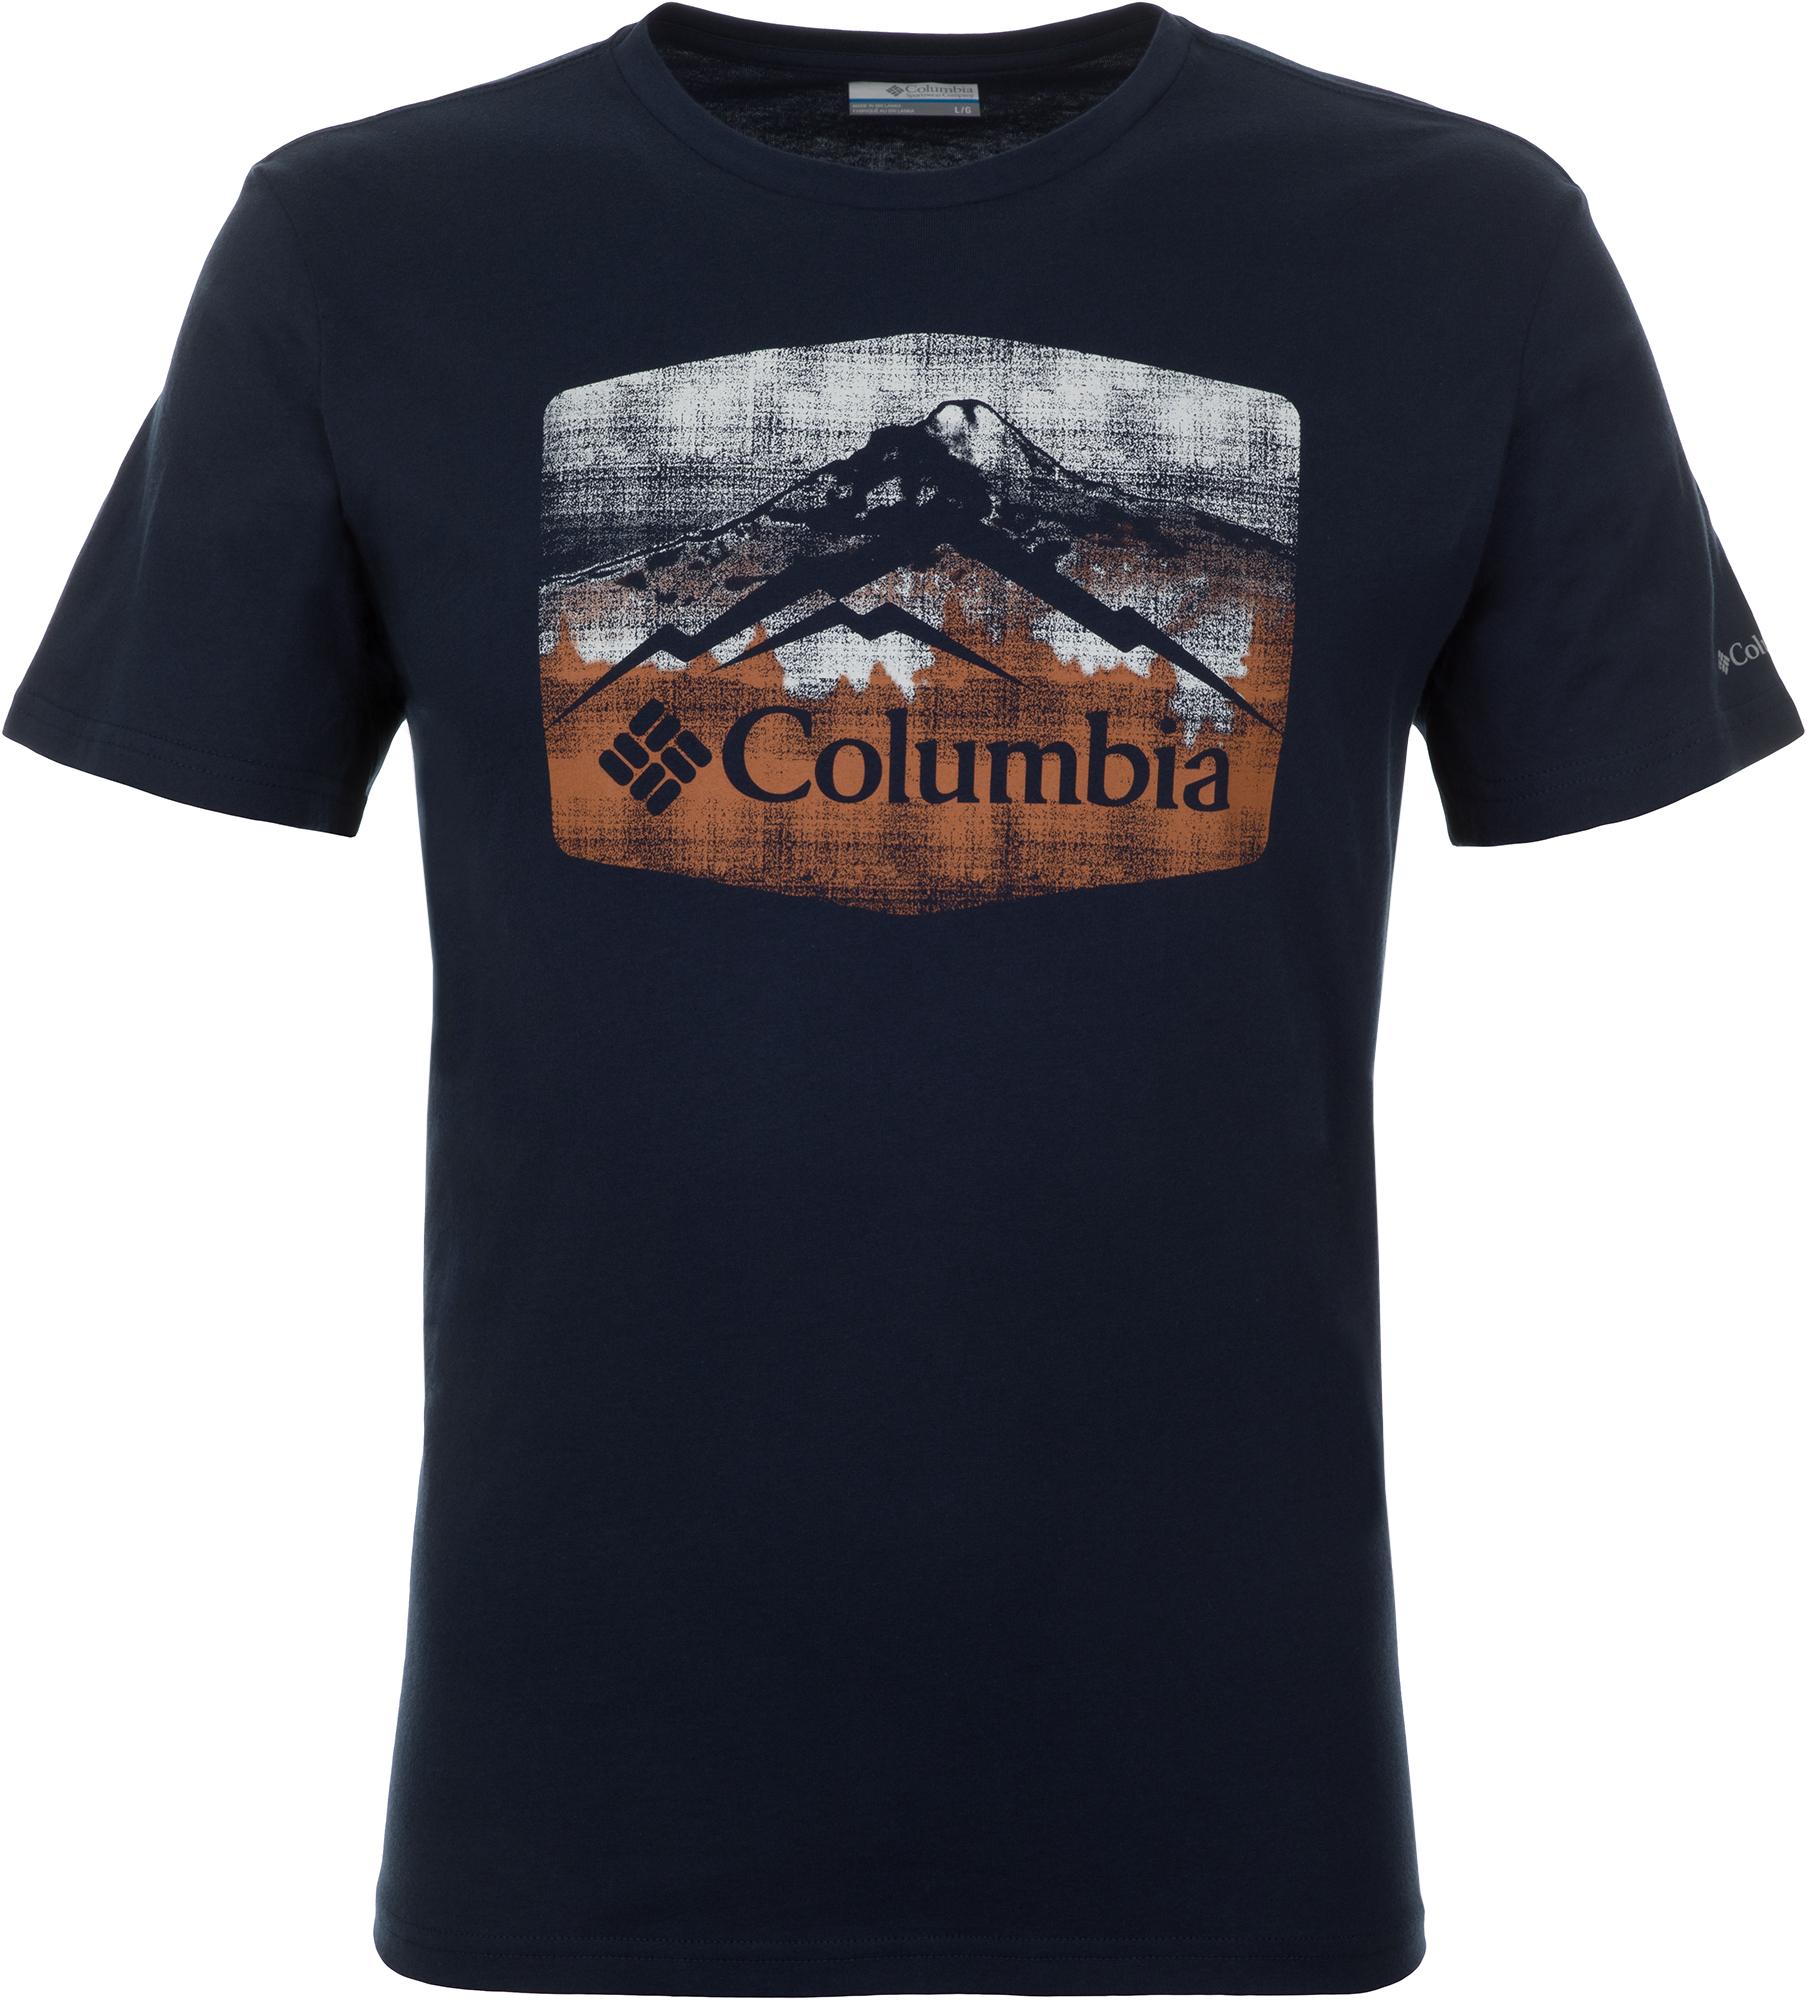 Columbia Футболка мужская Columbia Warren Grove Tee, размер 56-58 футболка мужская reebok f striped tee цвет серый bk3324 размер xl 56 58